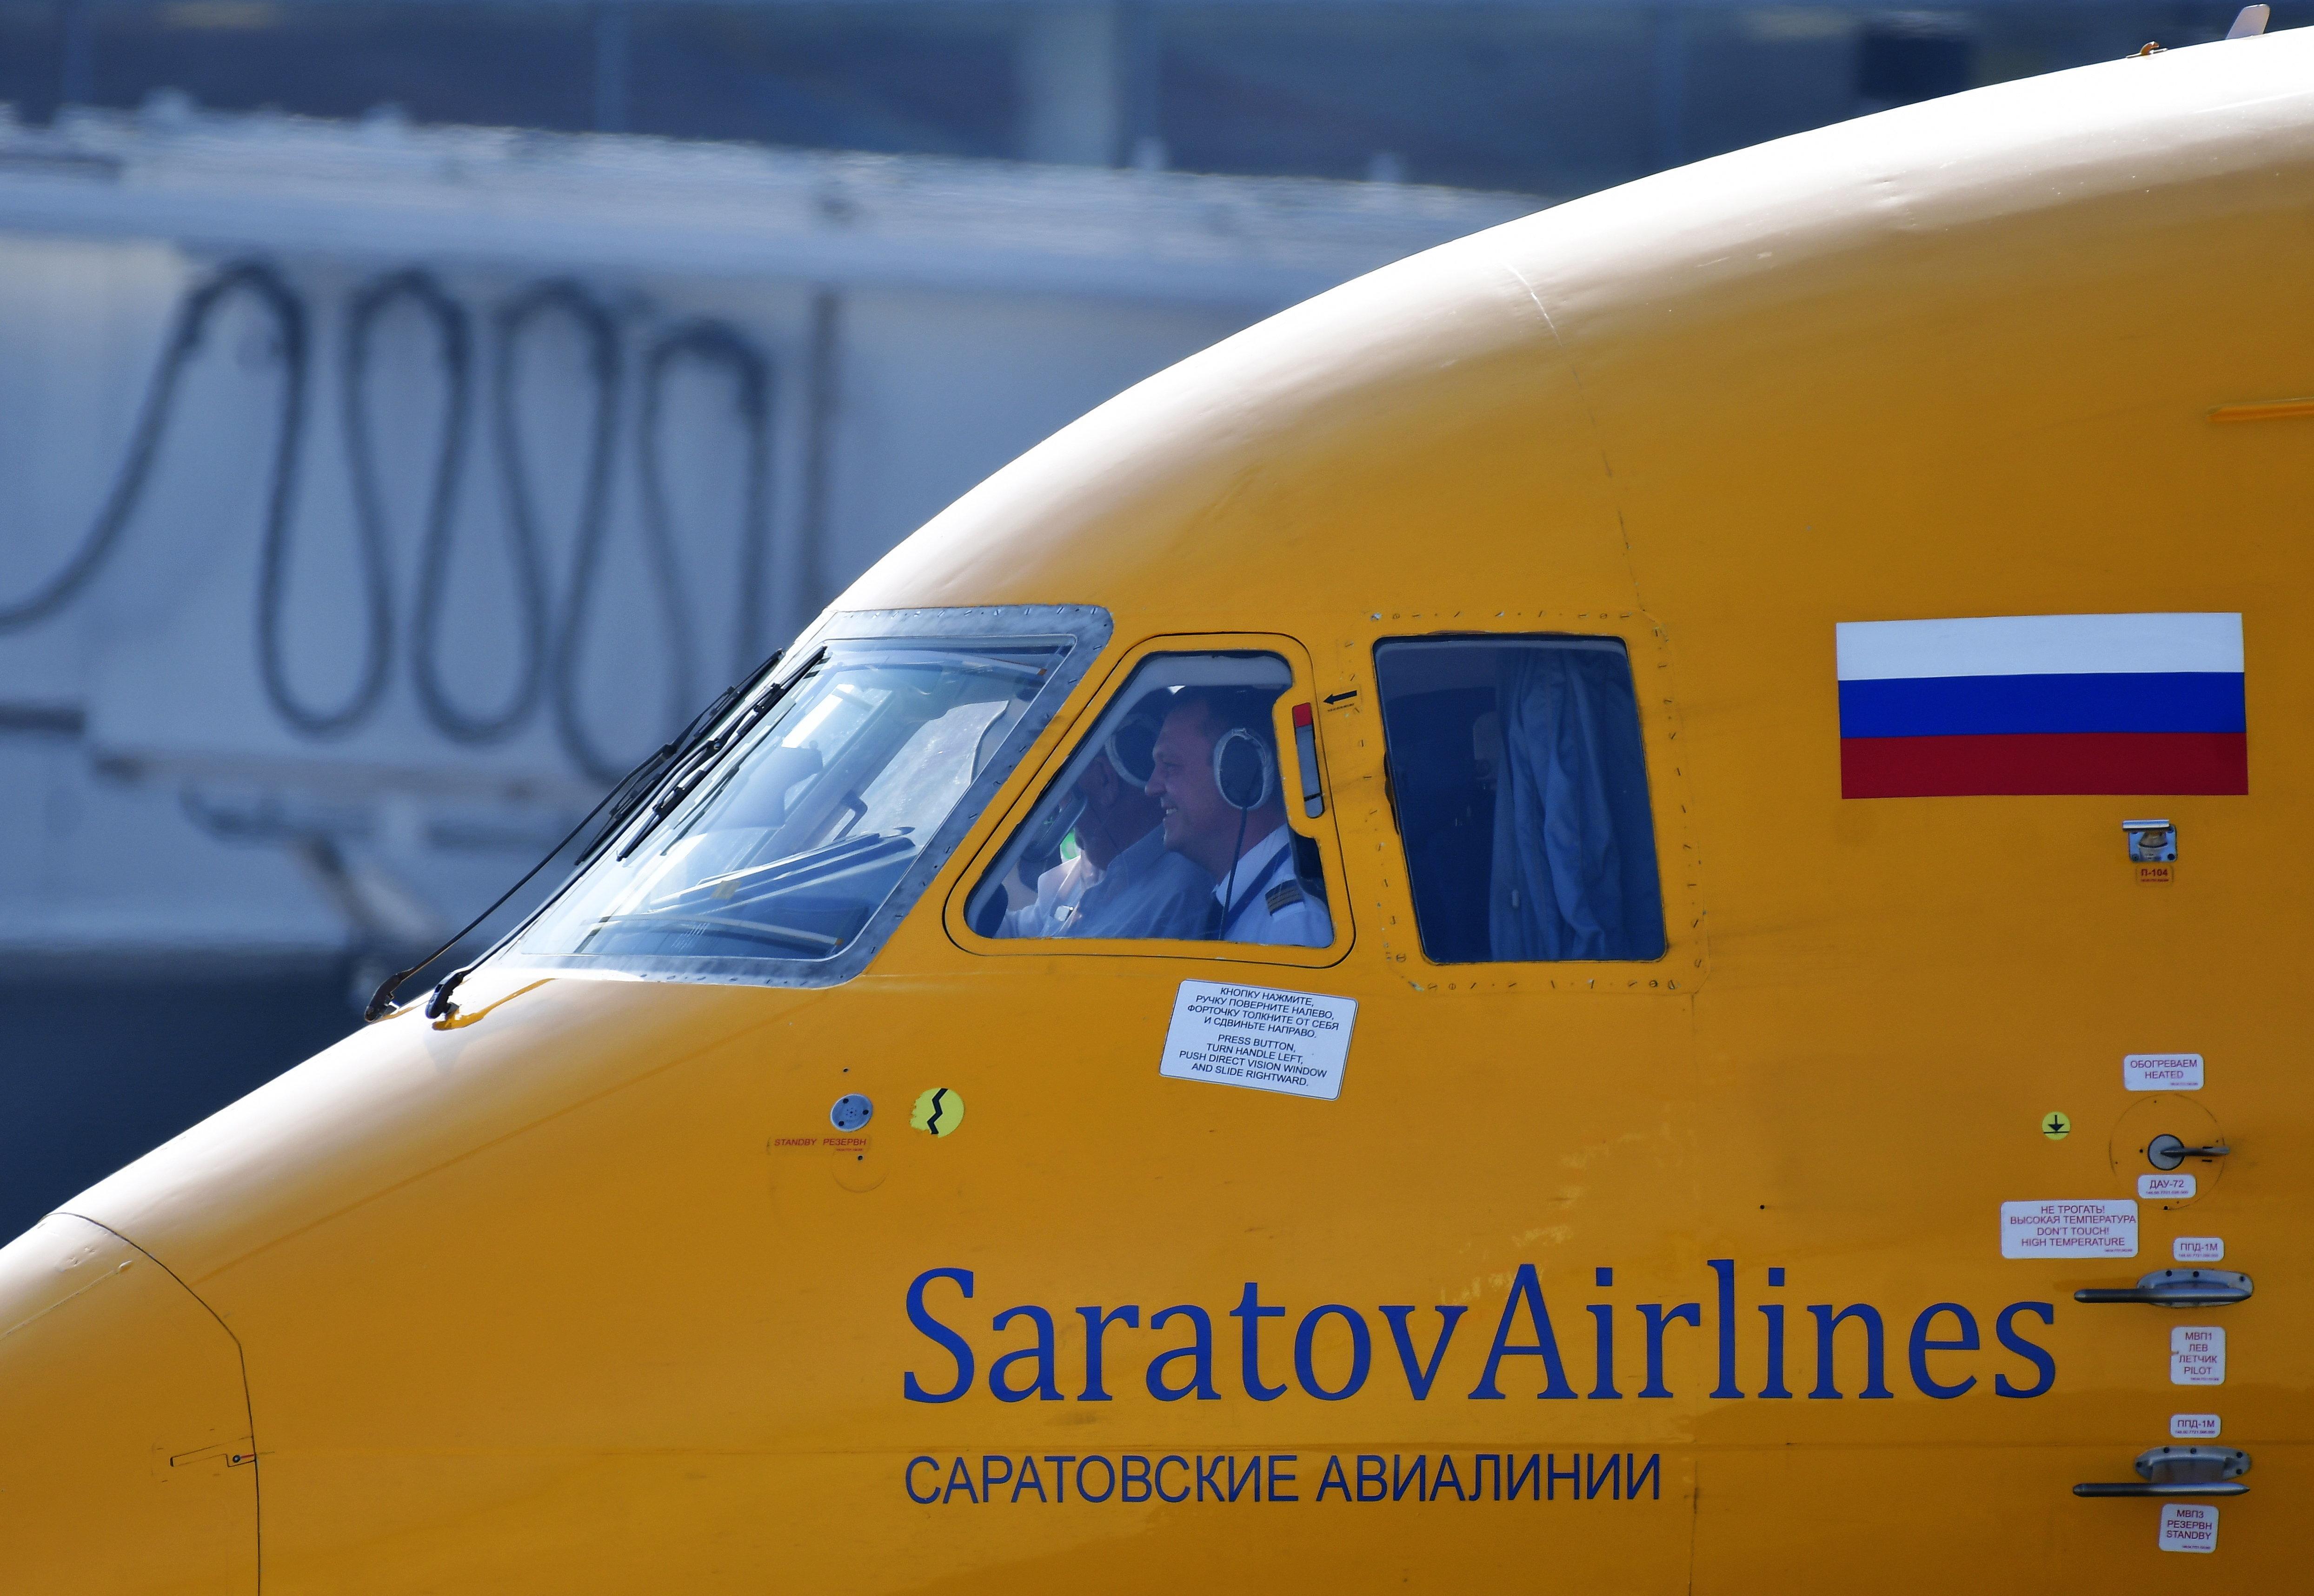 Συντριβή ρωσικού αεροσκάφους με 71 επιβαίνοντες κοντά στη Μόσχα. Εντοπίστηκαν